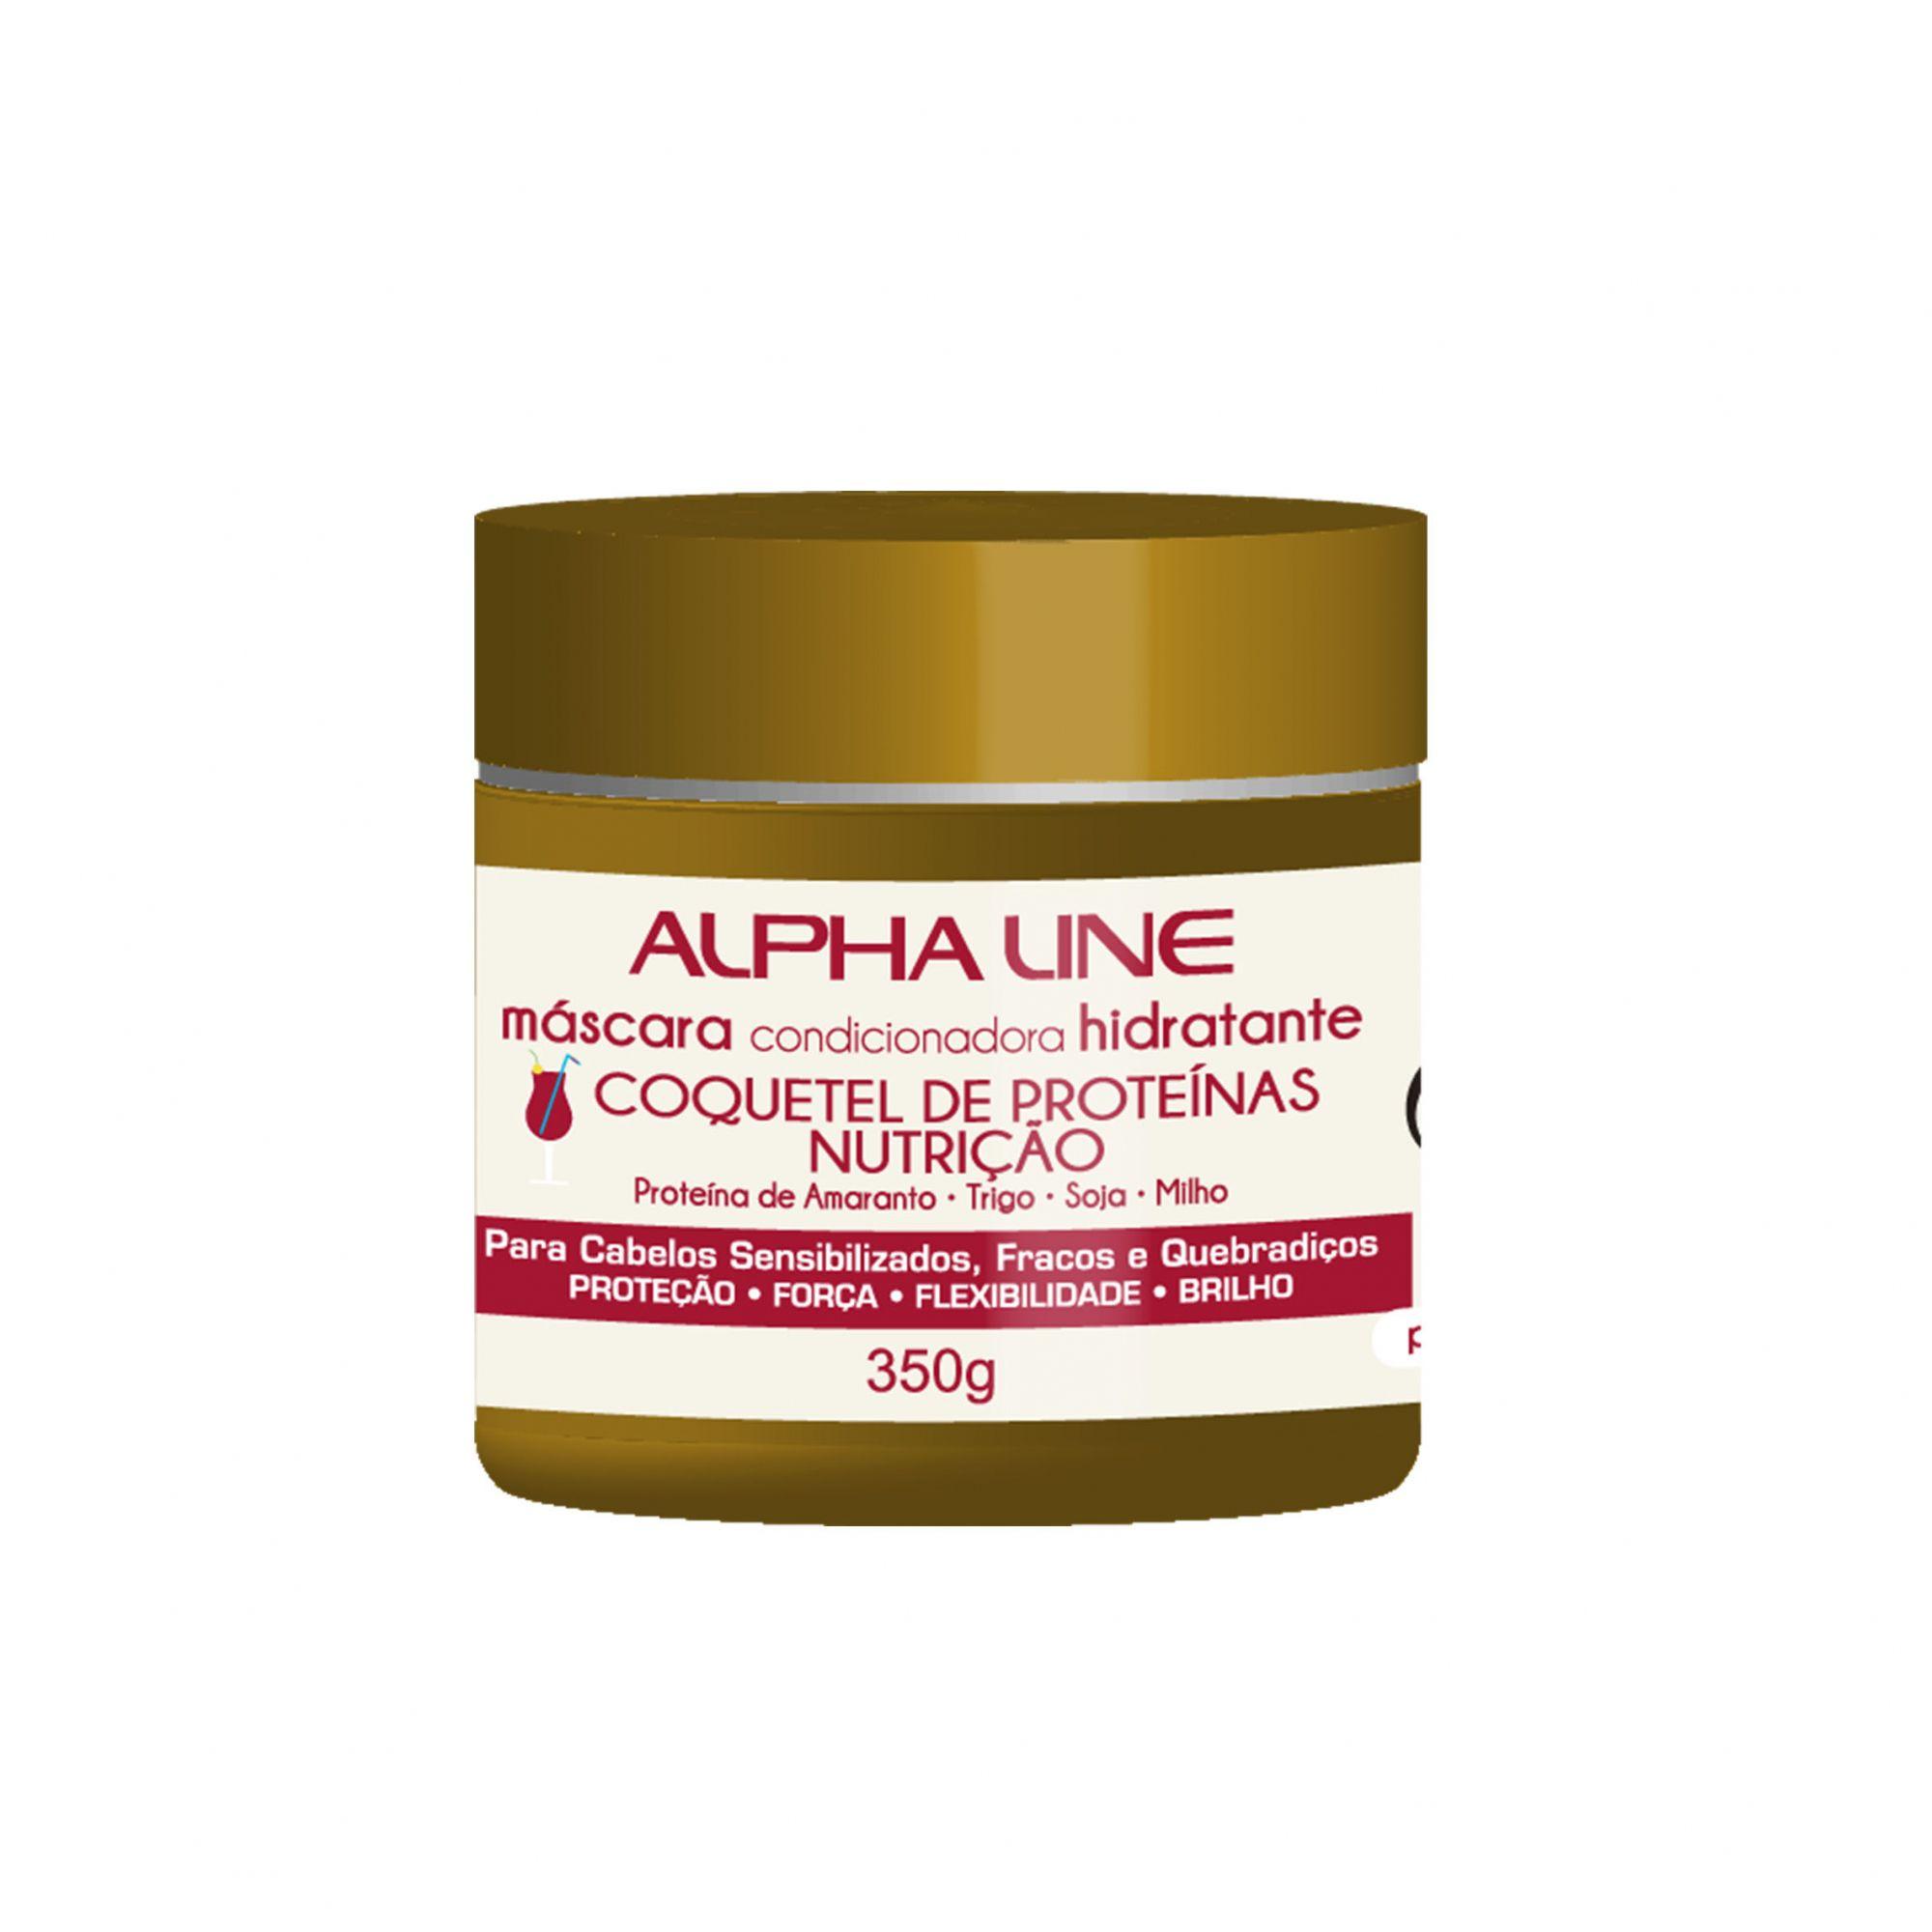 Alpha Line Máscara Coquetel de Proteínas Nutrição 350g.